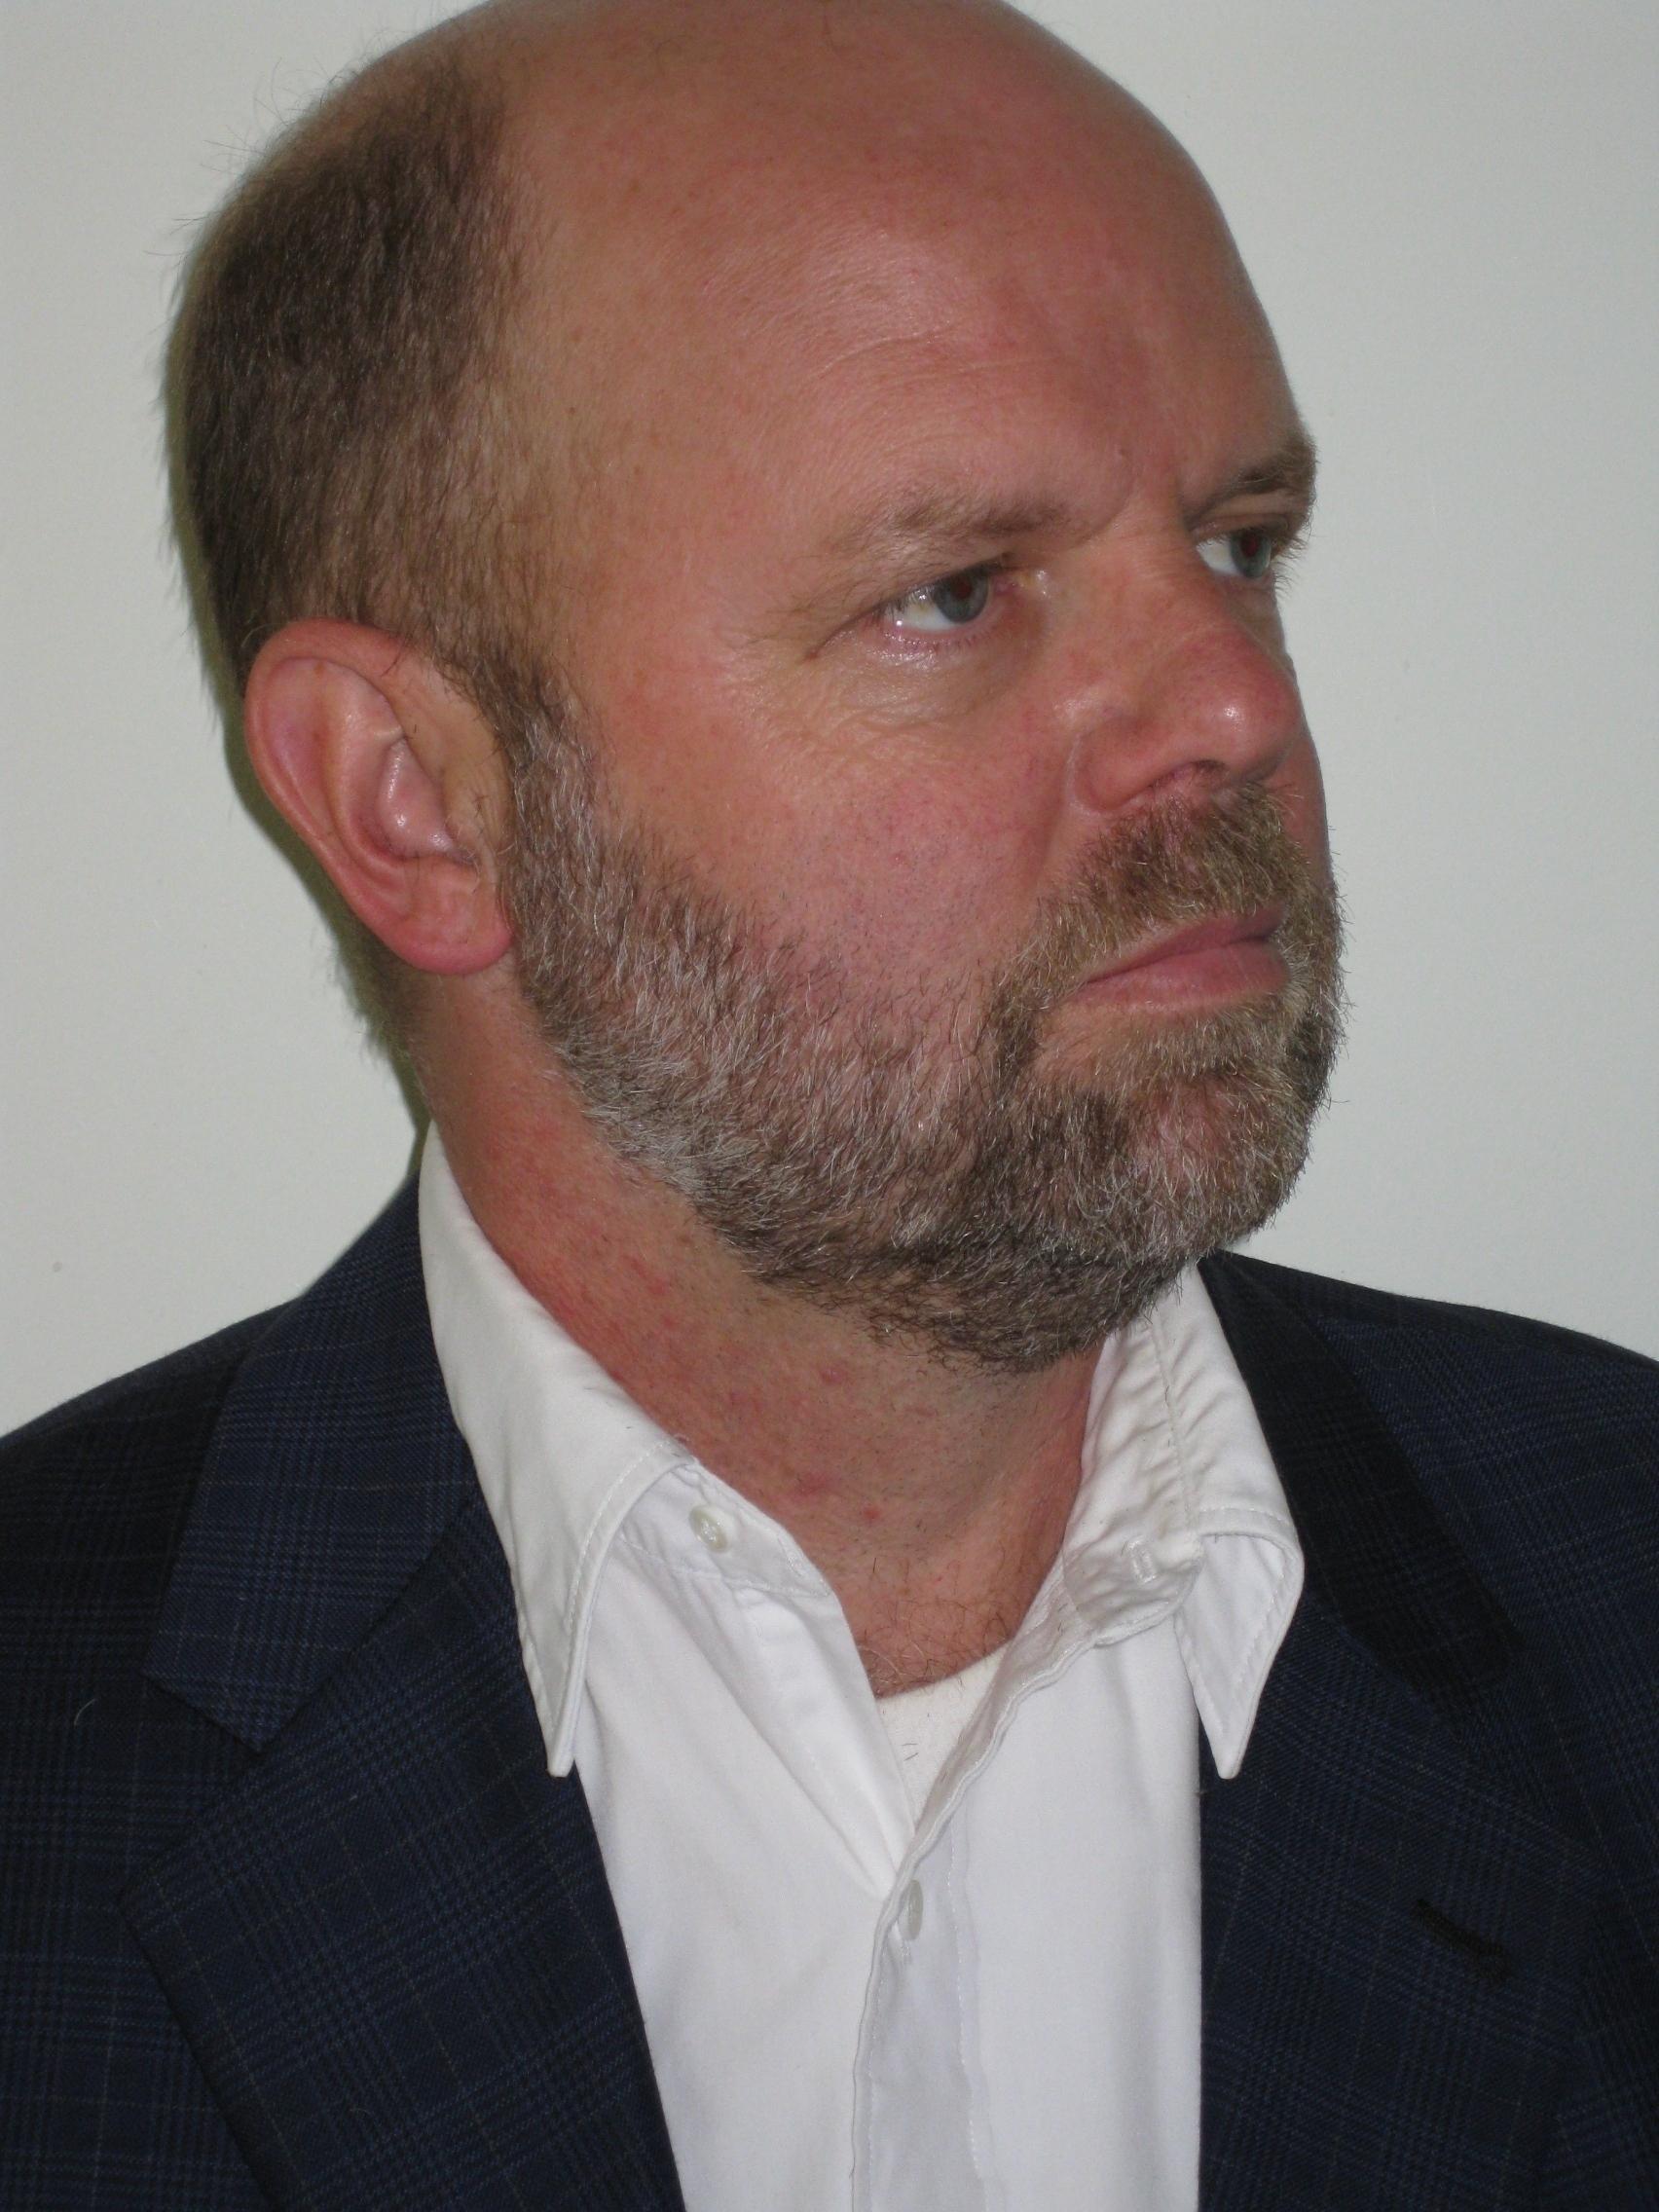 Josef Woodard